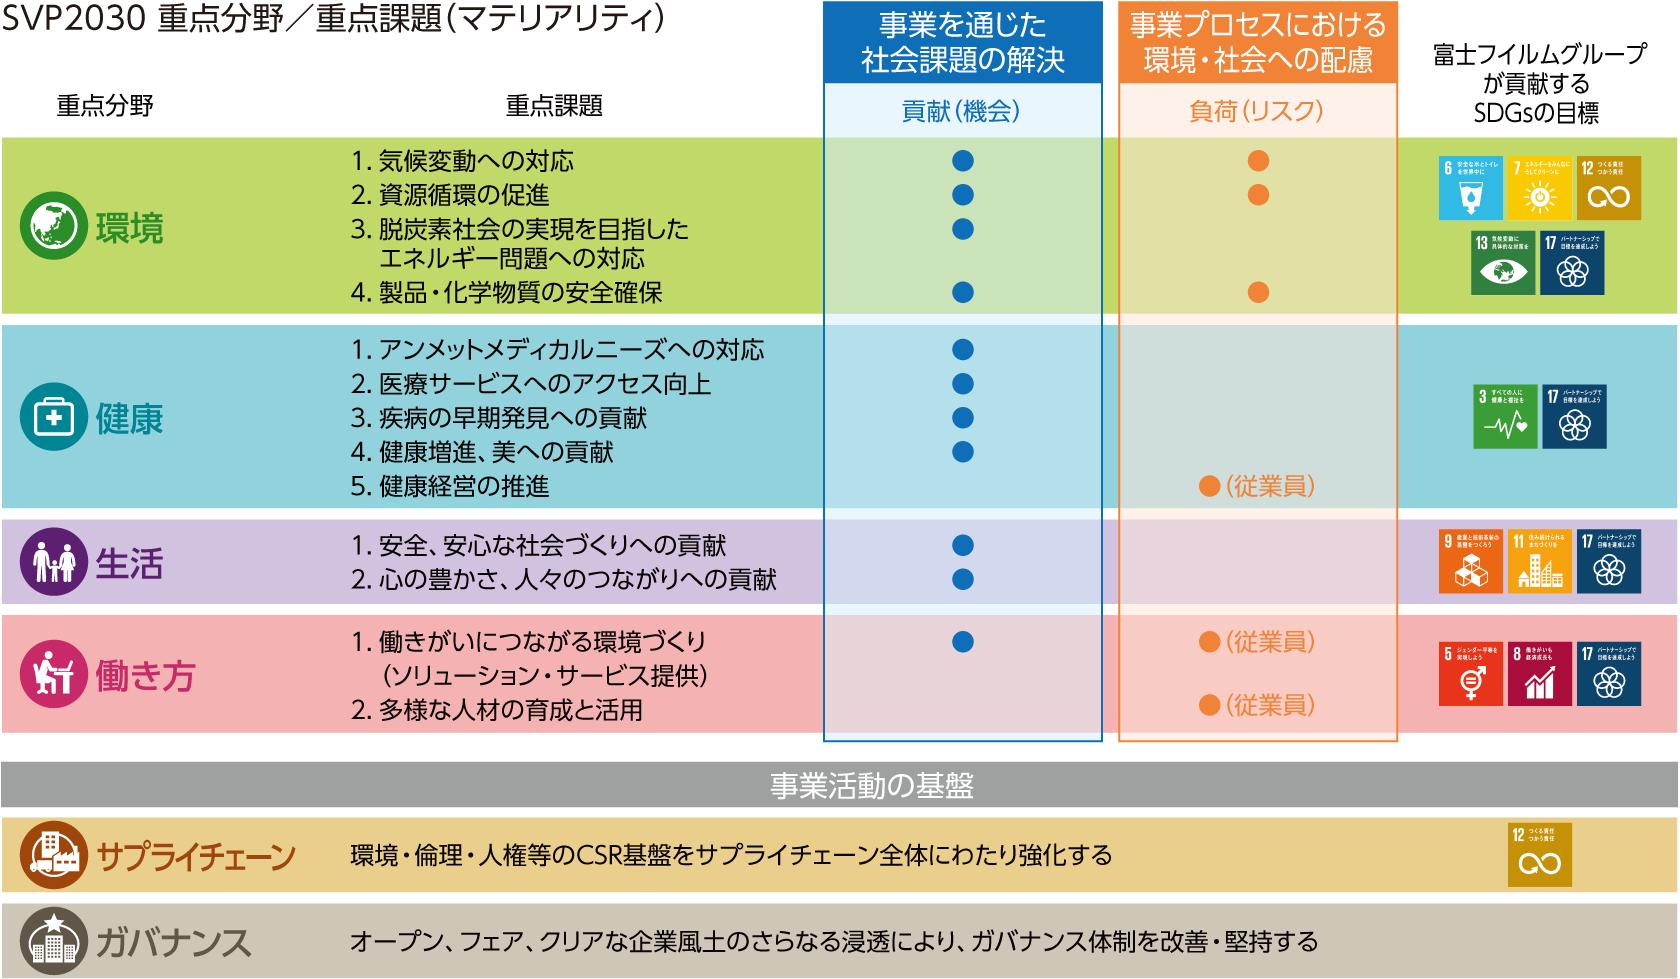 [図]SVP2030 重点分野/重点課題(マテリアリティ)